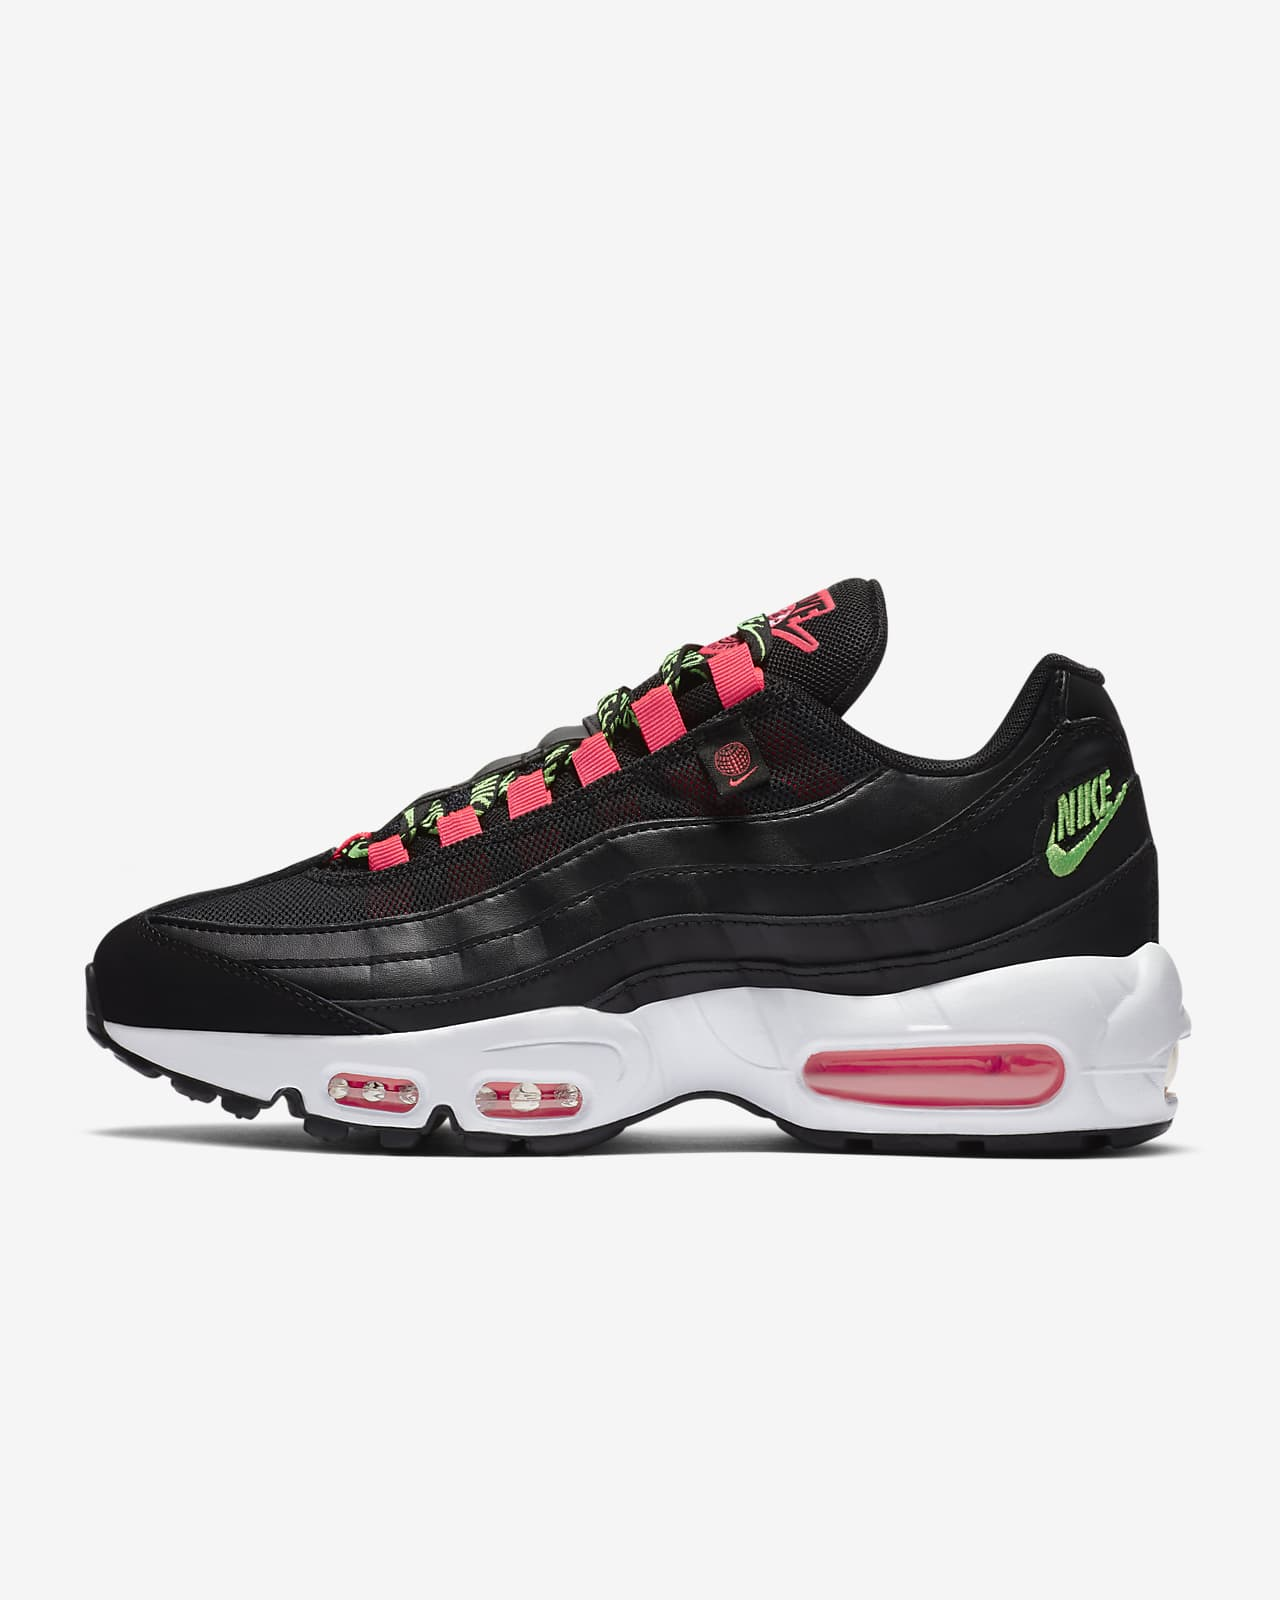 Nike Air Max 95 SE Damenschuh